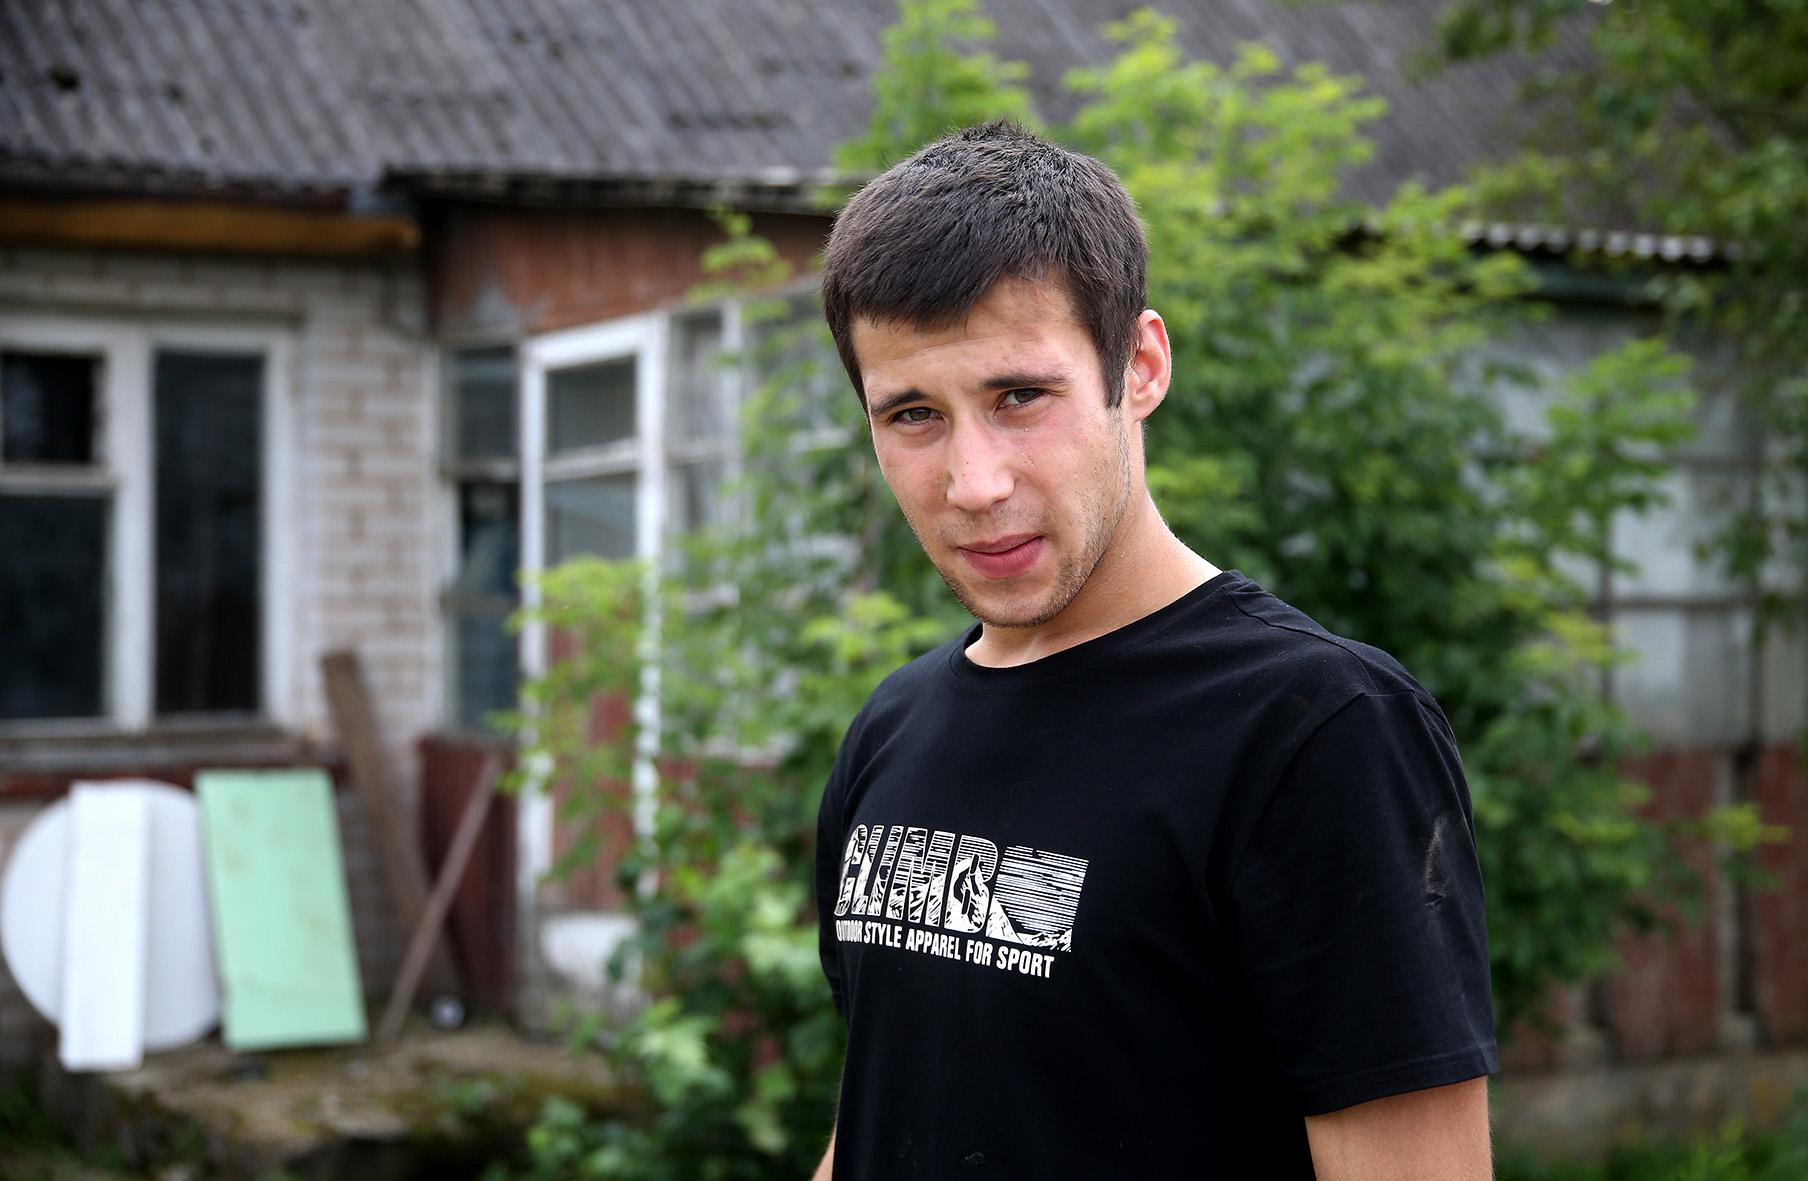 Marius Užkapių kaime įsikūrė visai neseniai. Jaunas vyras čia planuoja savo ateitį.